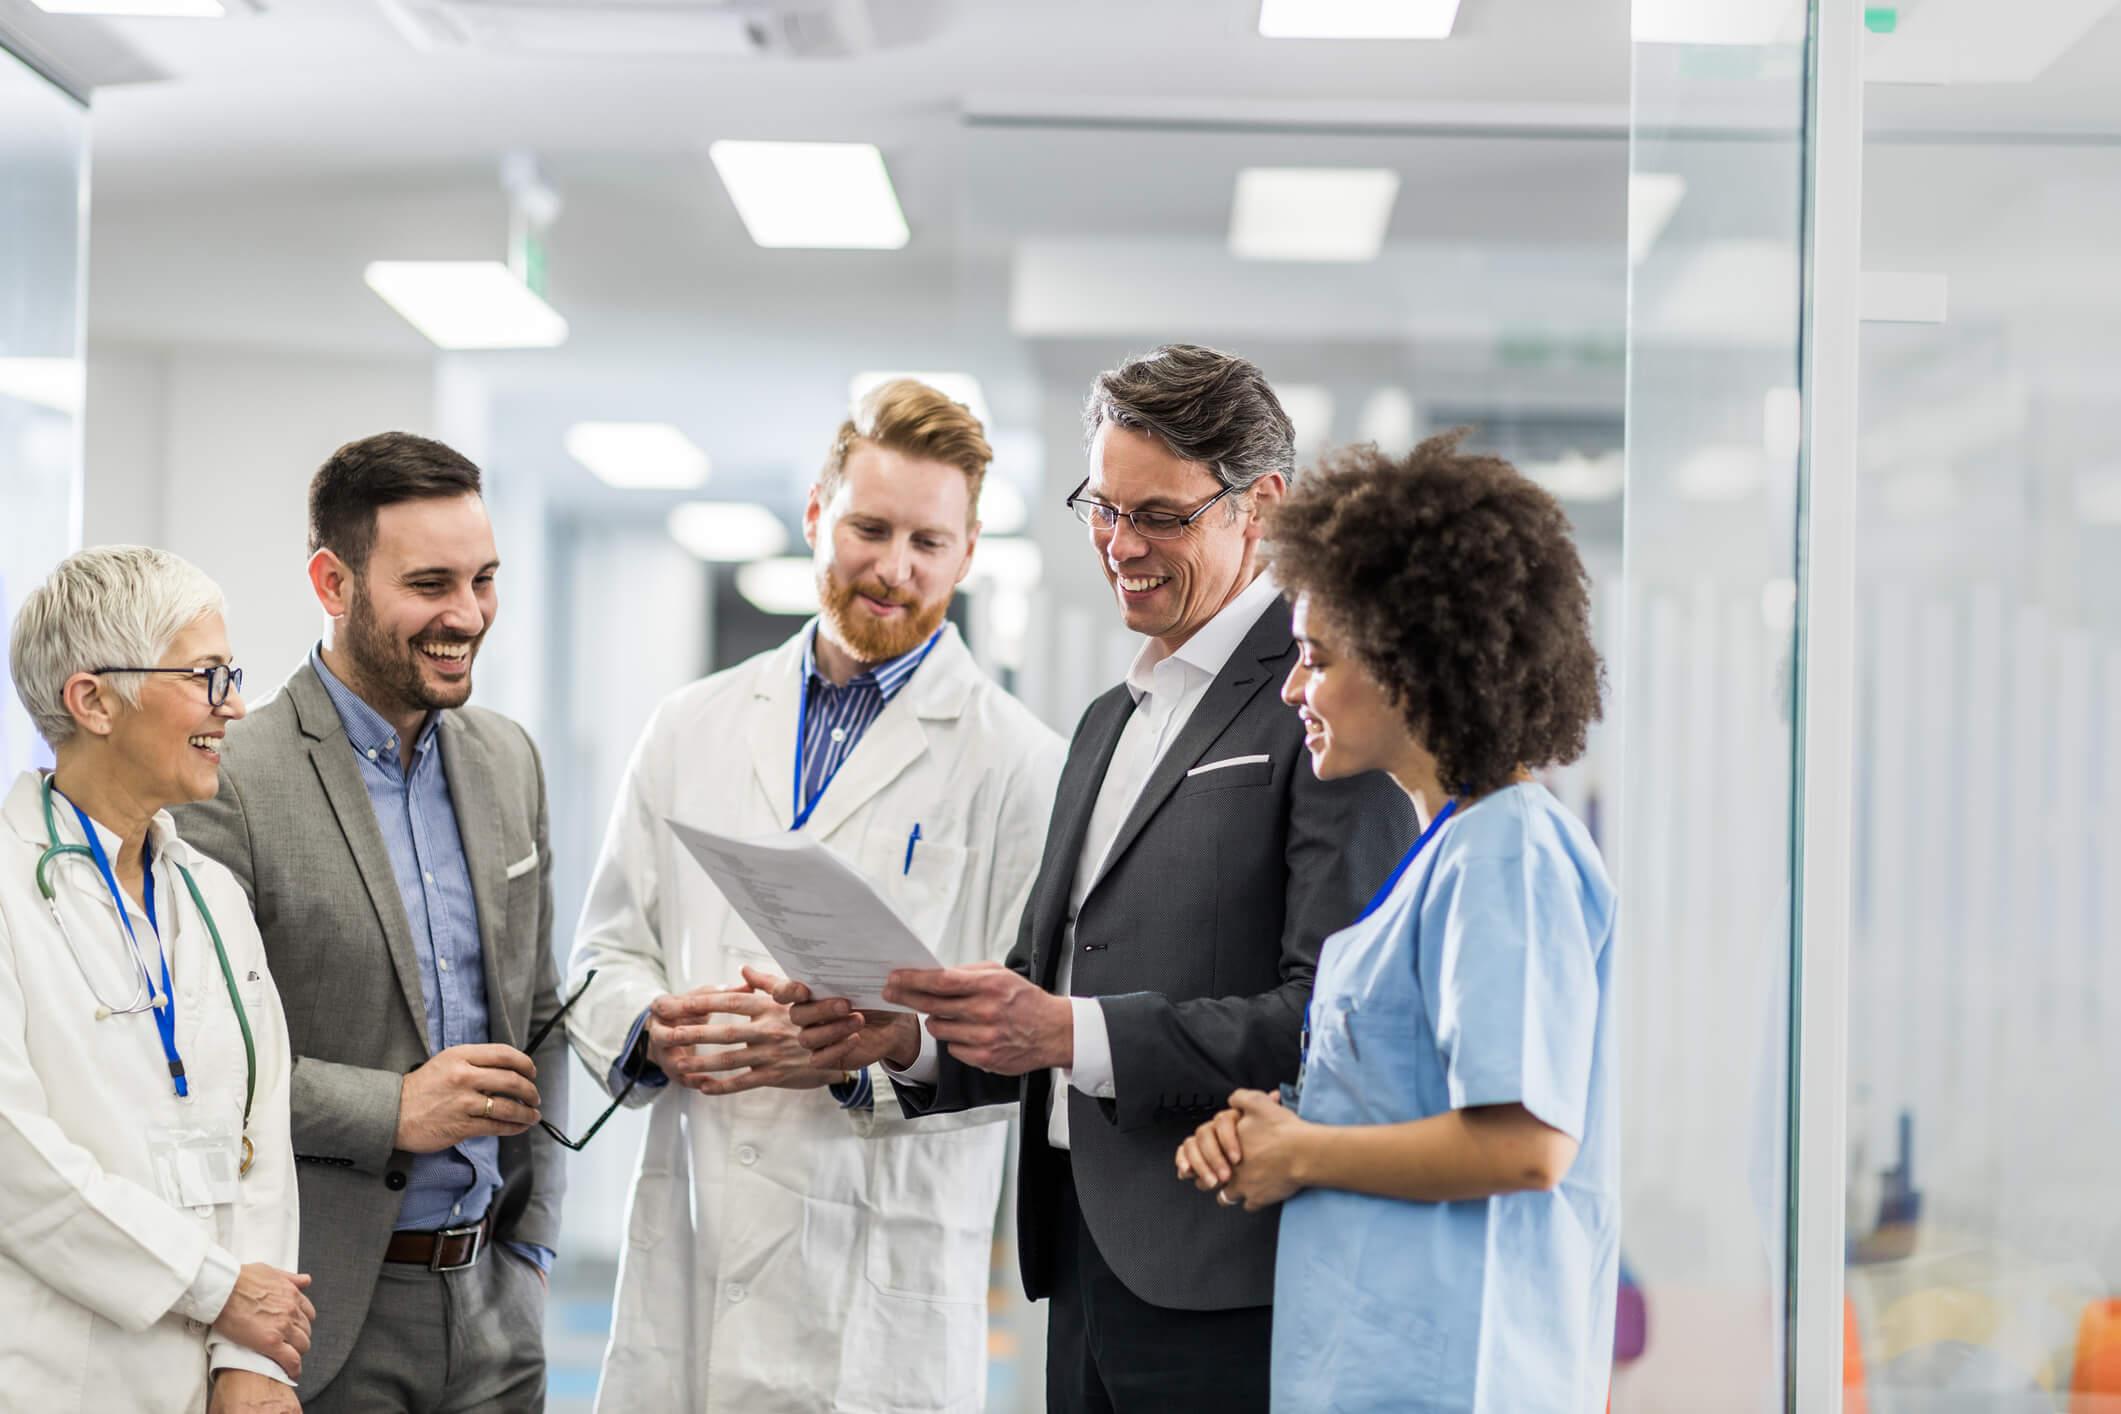 M´´dico buscando alternativas para redução da glosa médica